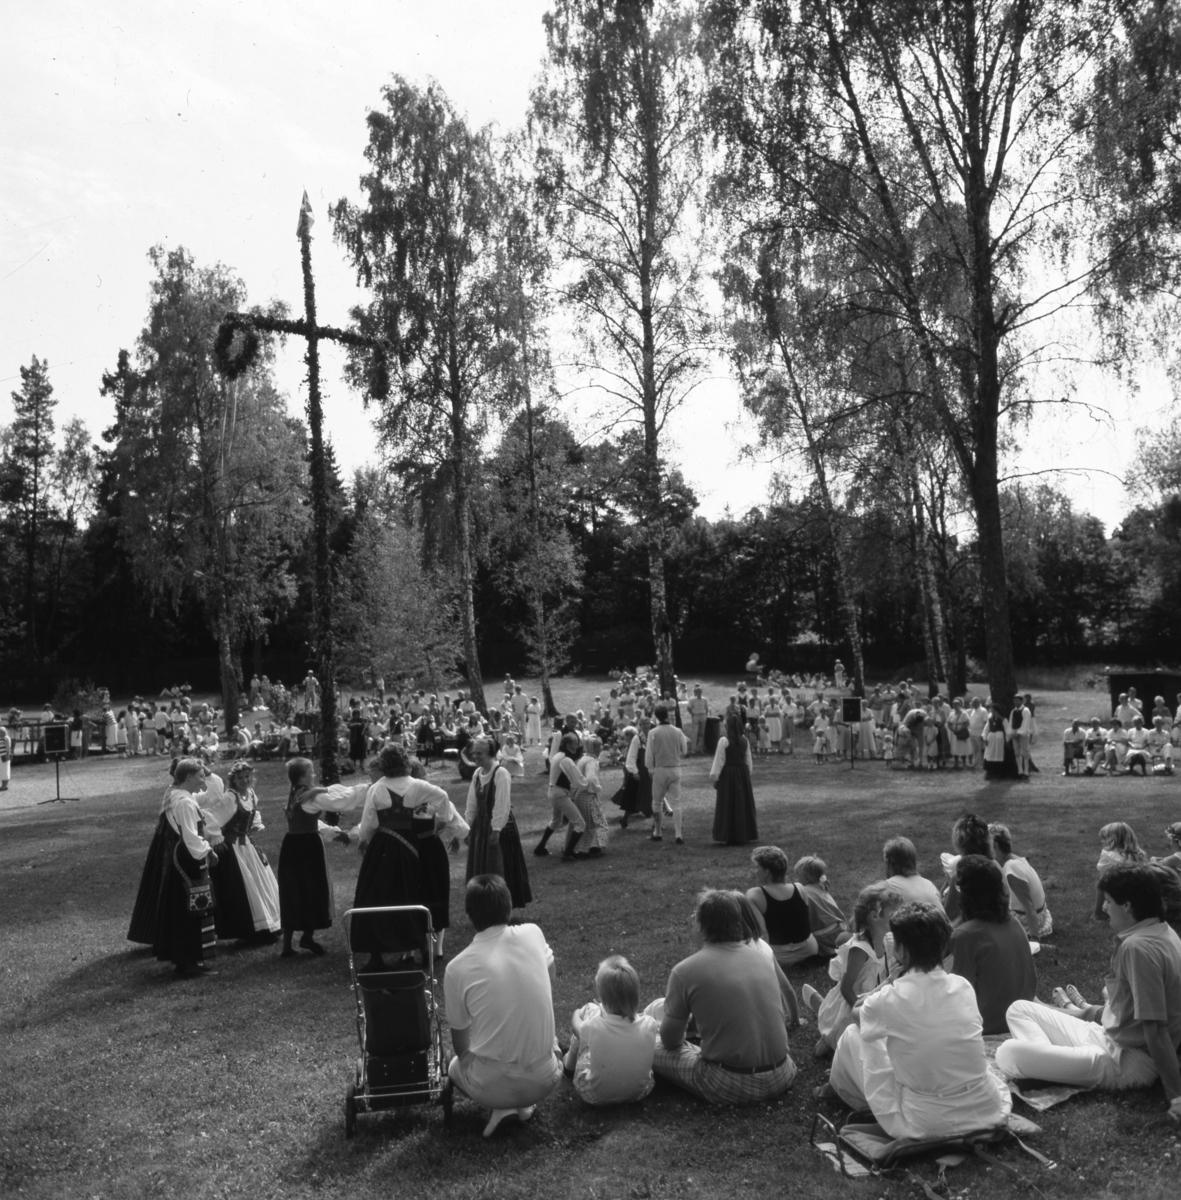 Midsommarfirande i Folkets park. Folkdanslaget har uppvisning intill midsommarstången medan publiken sitter i gräset och ser på. Flaggorna är hissade och solen skiner.